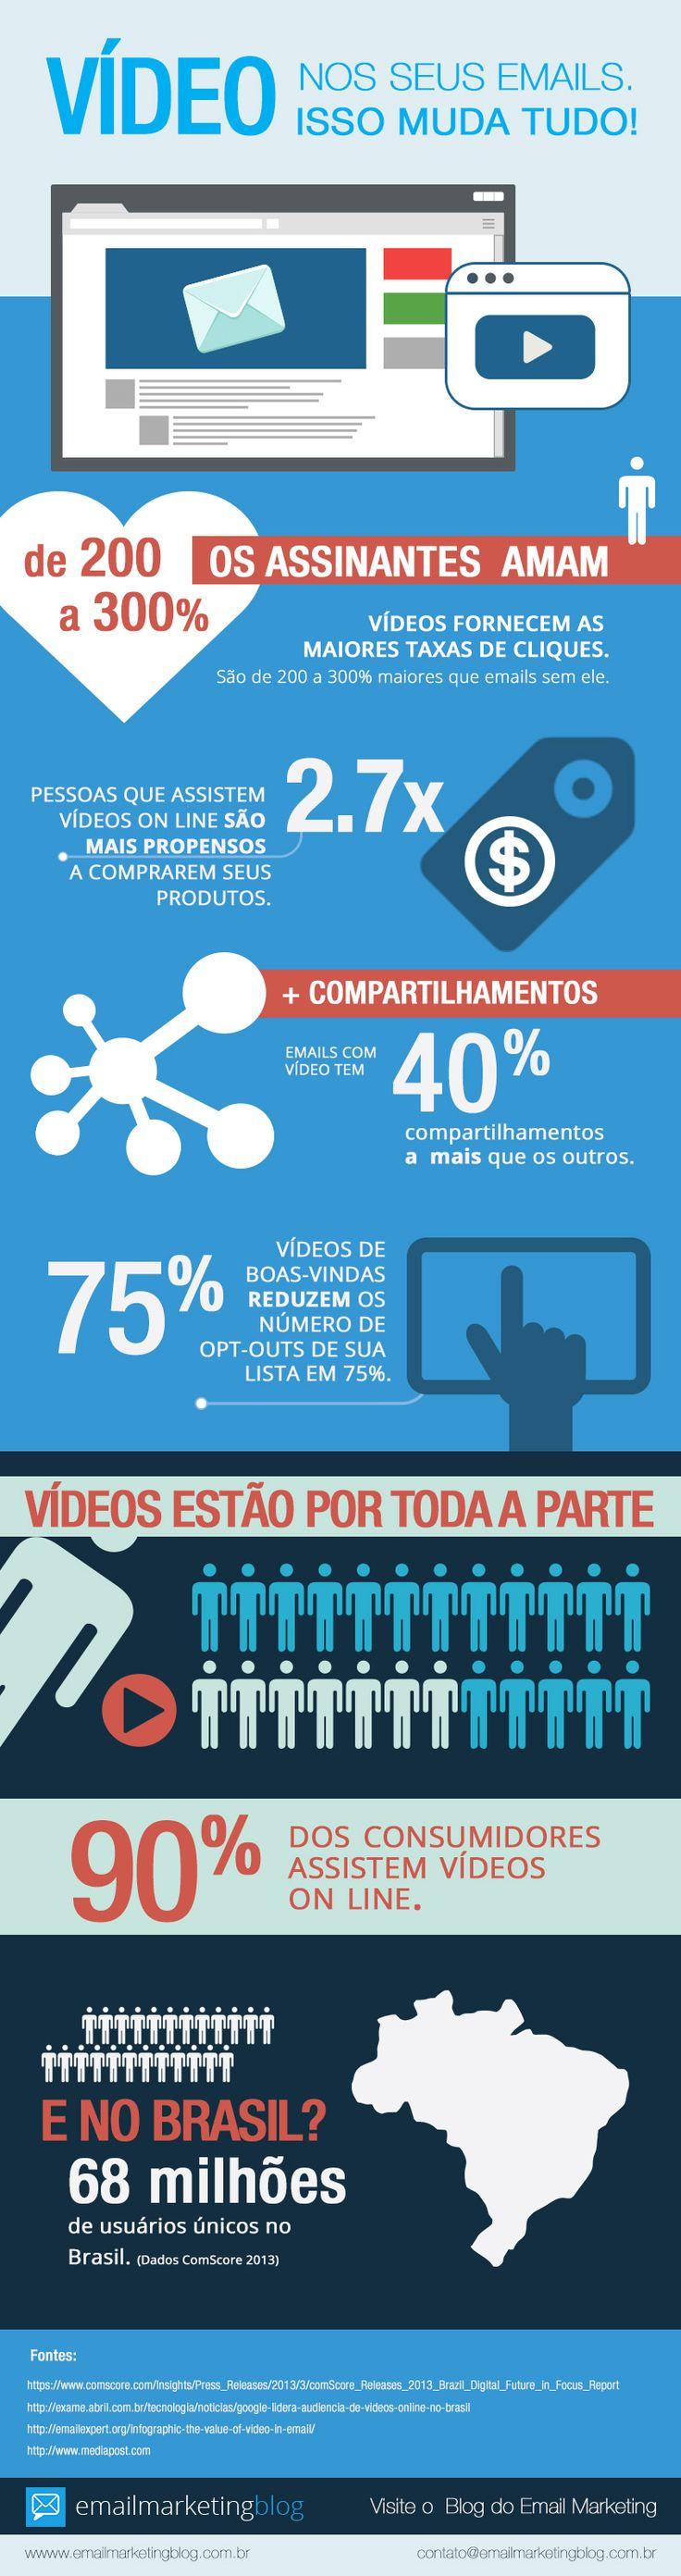 Vídeos nos Emails.. Veja infográfico que demonstra como ações com videos nos emails podem converter mais de 300% do que outros emails